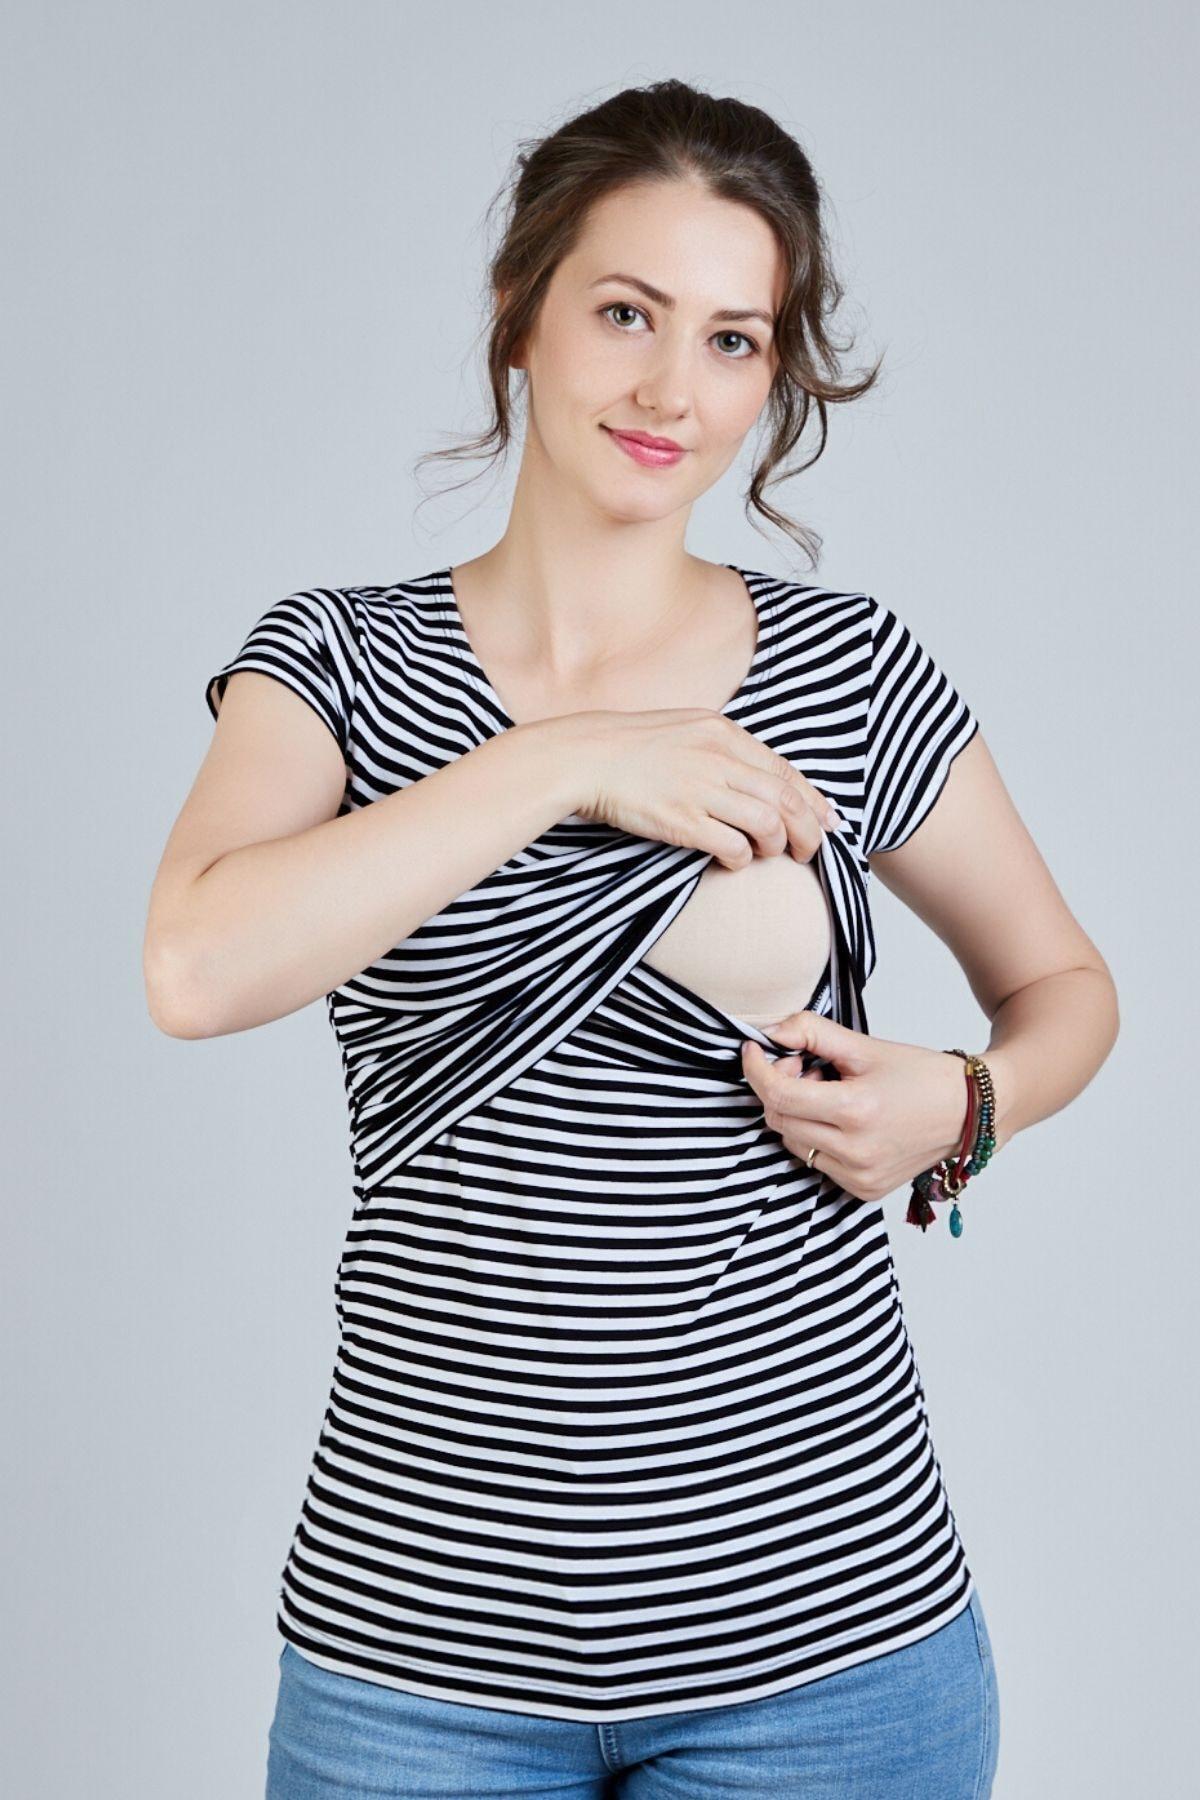 Mamma Lattes Siyah Beyaz Çizgili Hamile Ve Emzirme Tişörtü Poliviscon Esnek Kumaş 1